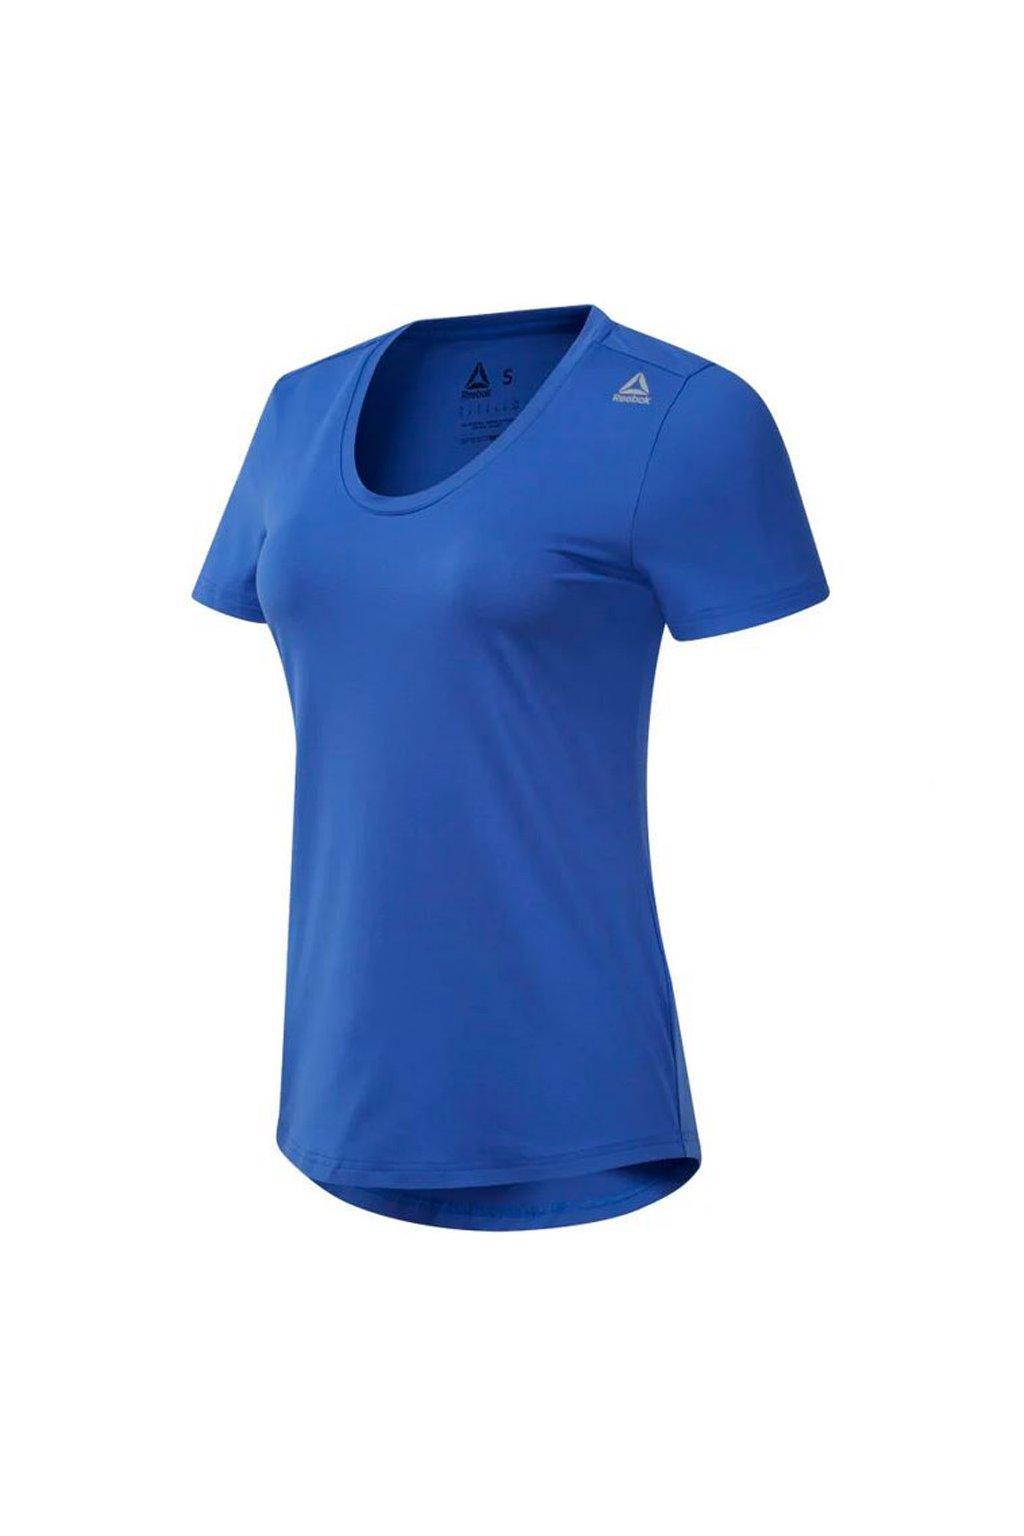 Dámske tričko Reebok Wor SW Tee modré DU4761